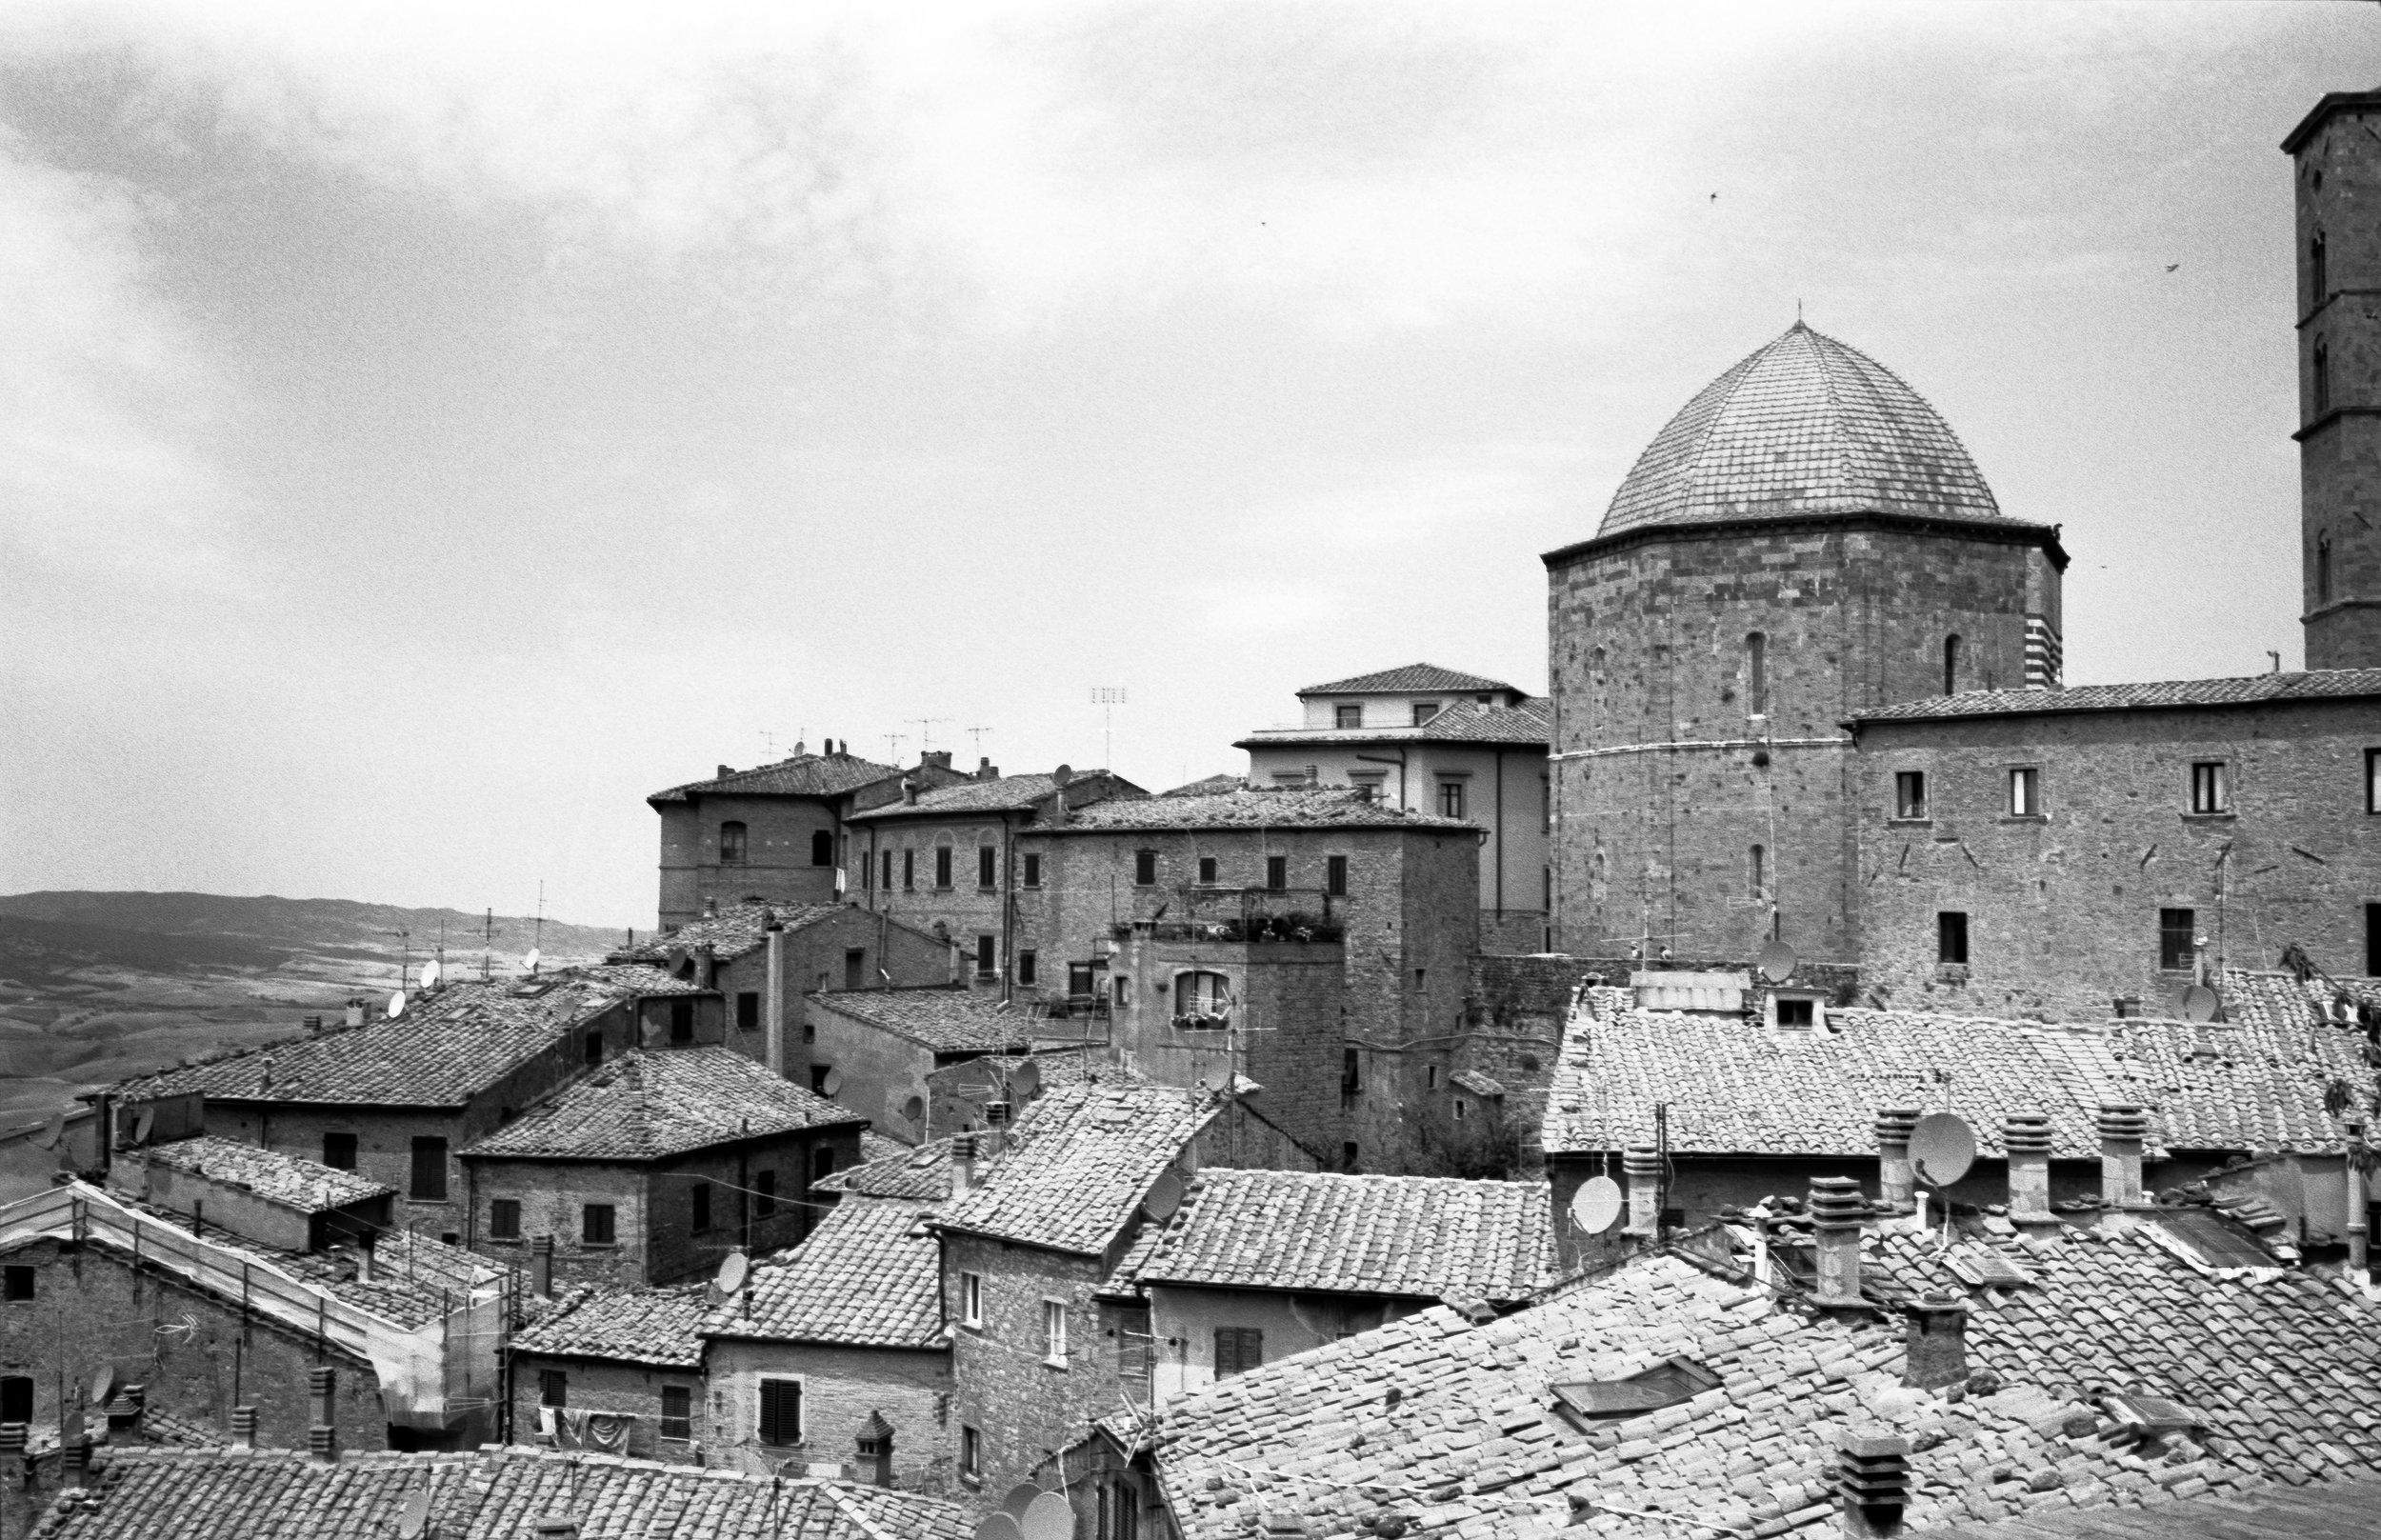 Volterra. Italy. 2019.